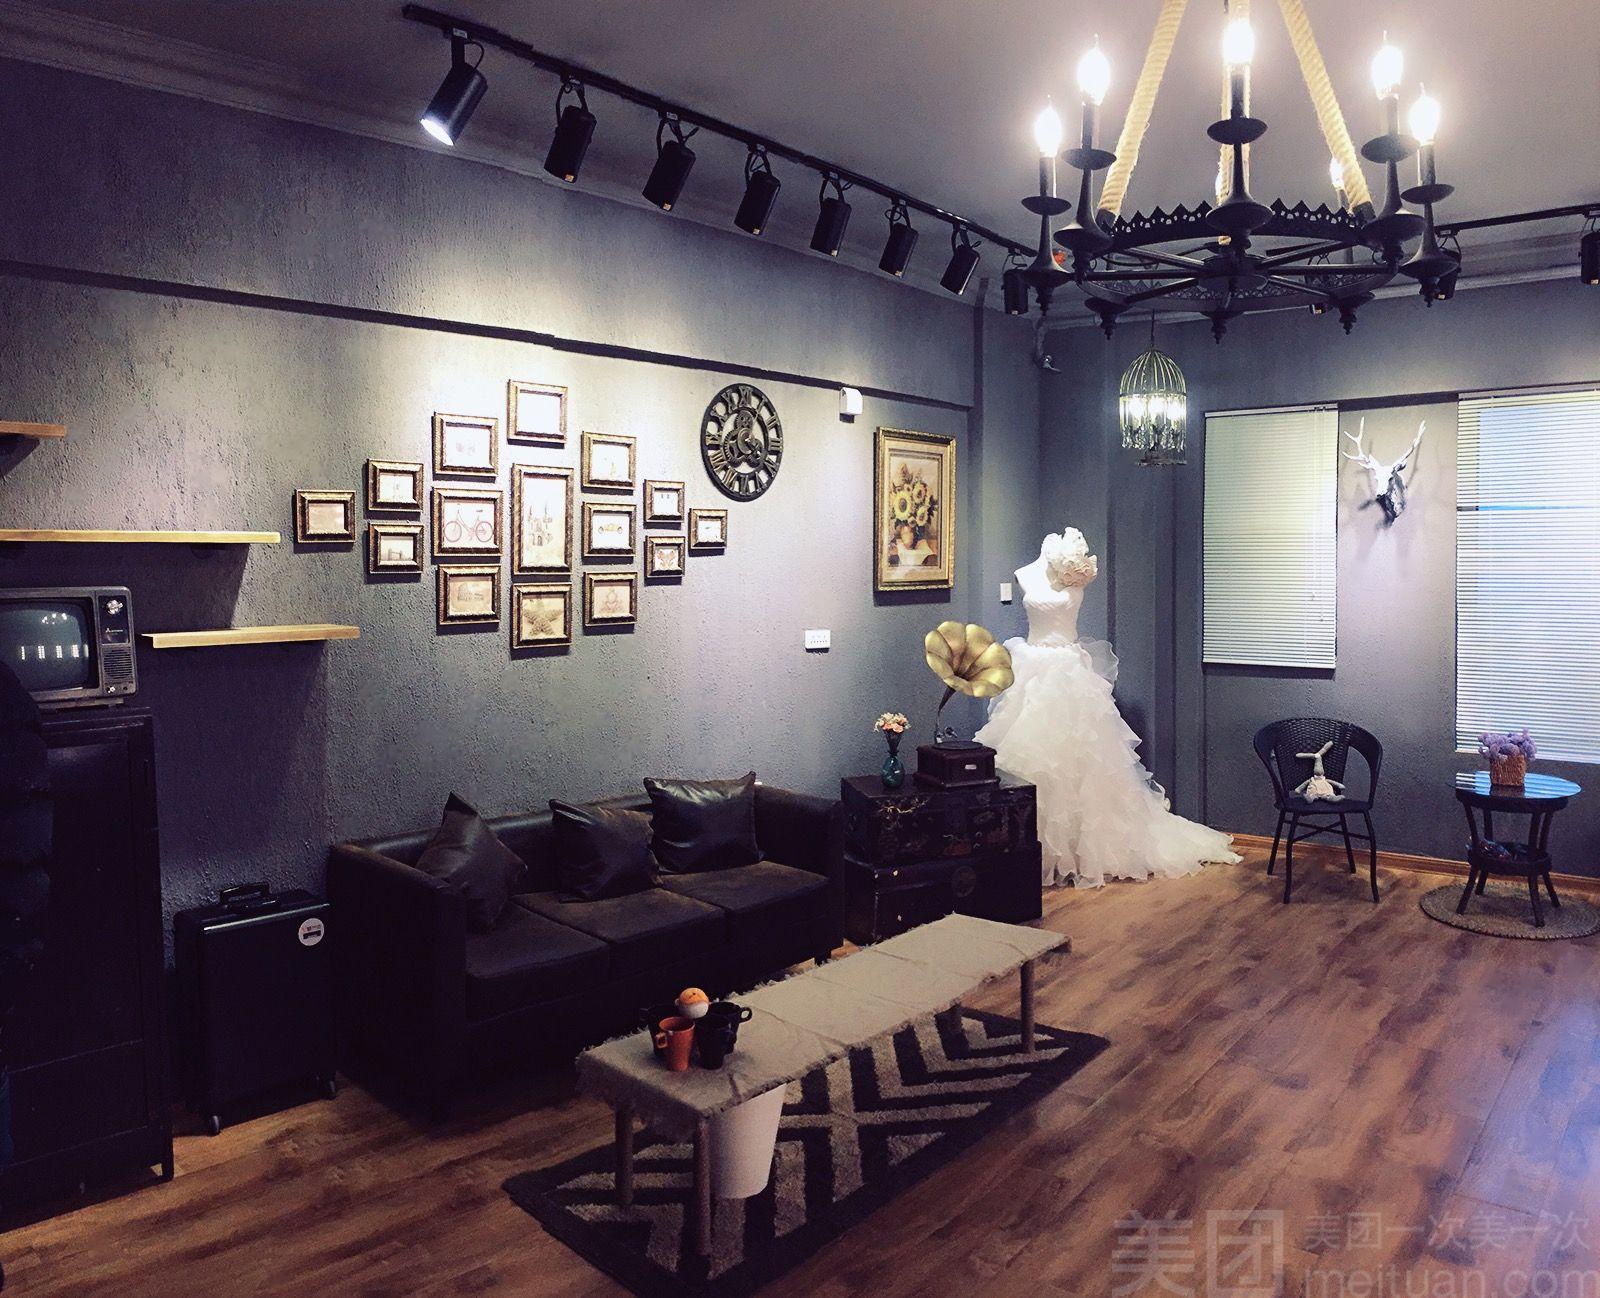 千聚彩妆造型 · 禧巷婚礼婚纱馆